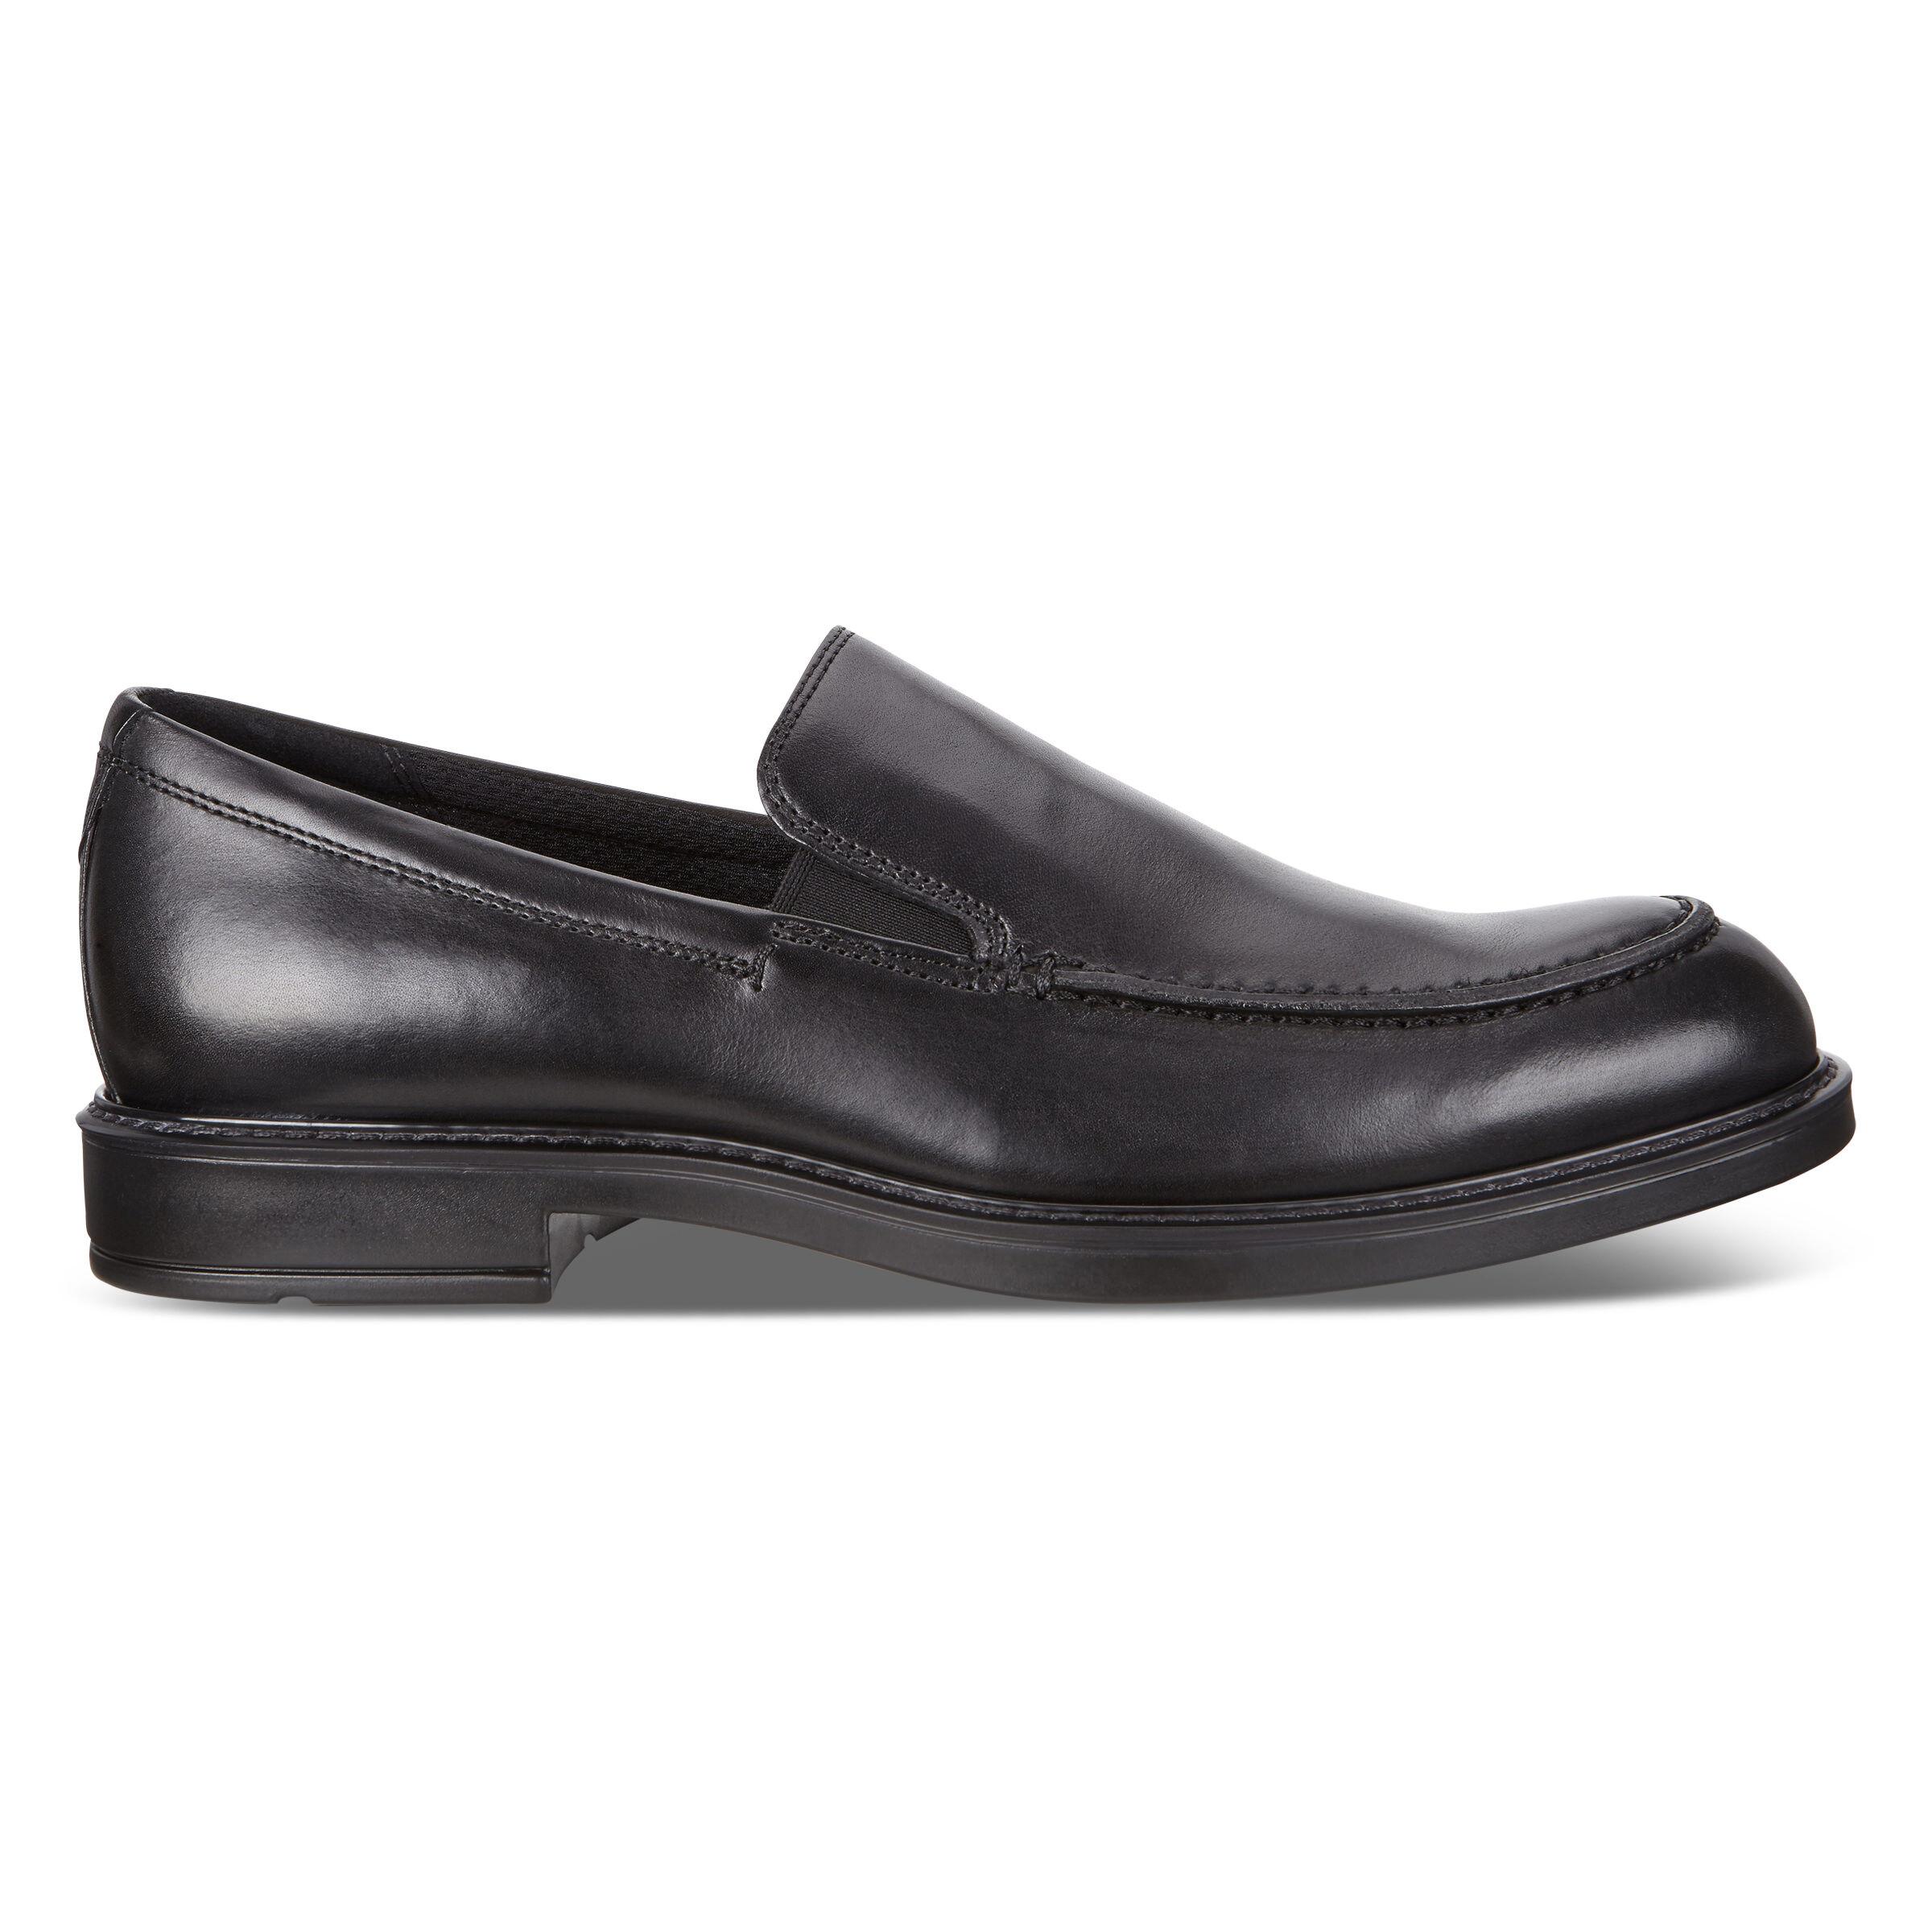 Men's VITRUS? Shoes Collection | ECCO? Shoes